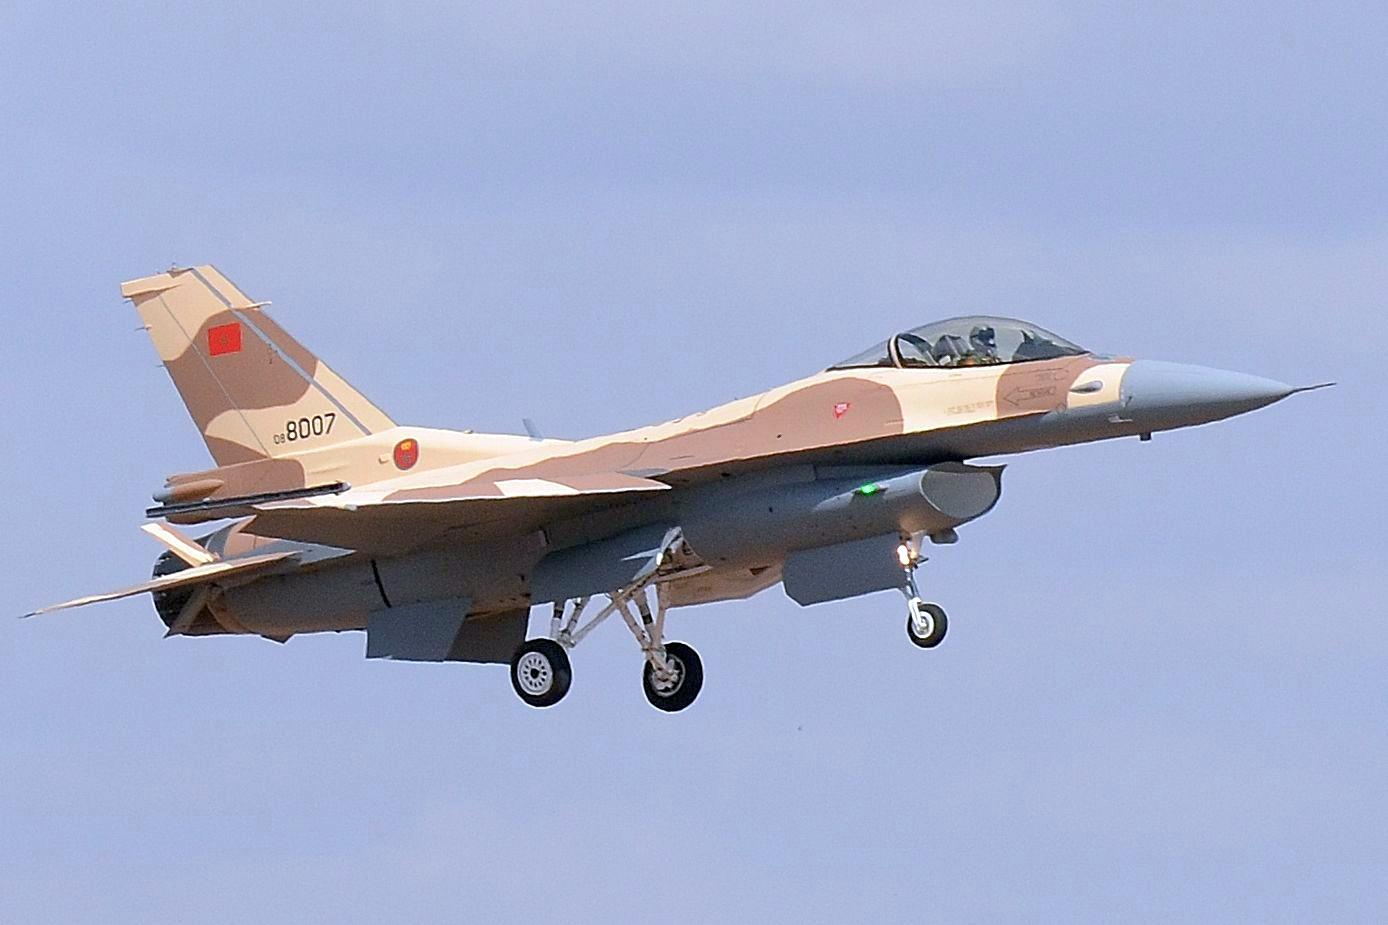 Moroccan F-16 Atlas Falcon / RMAF F16 block 52+ - Page 31 31708874774_cf3e0817f1_o